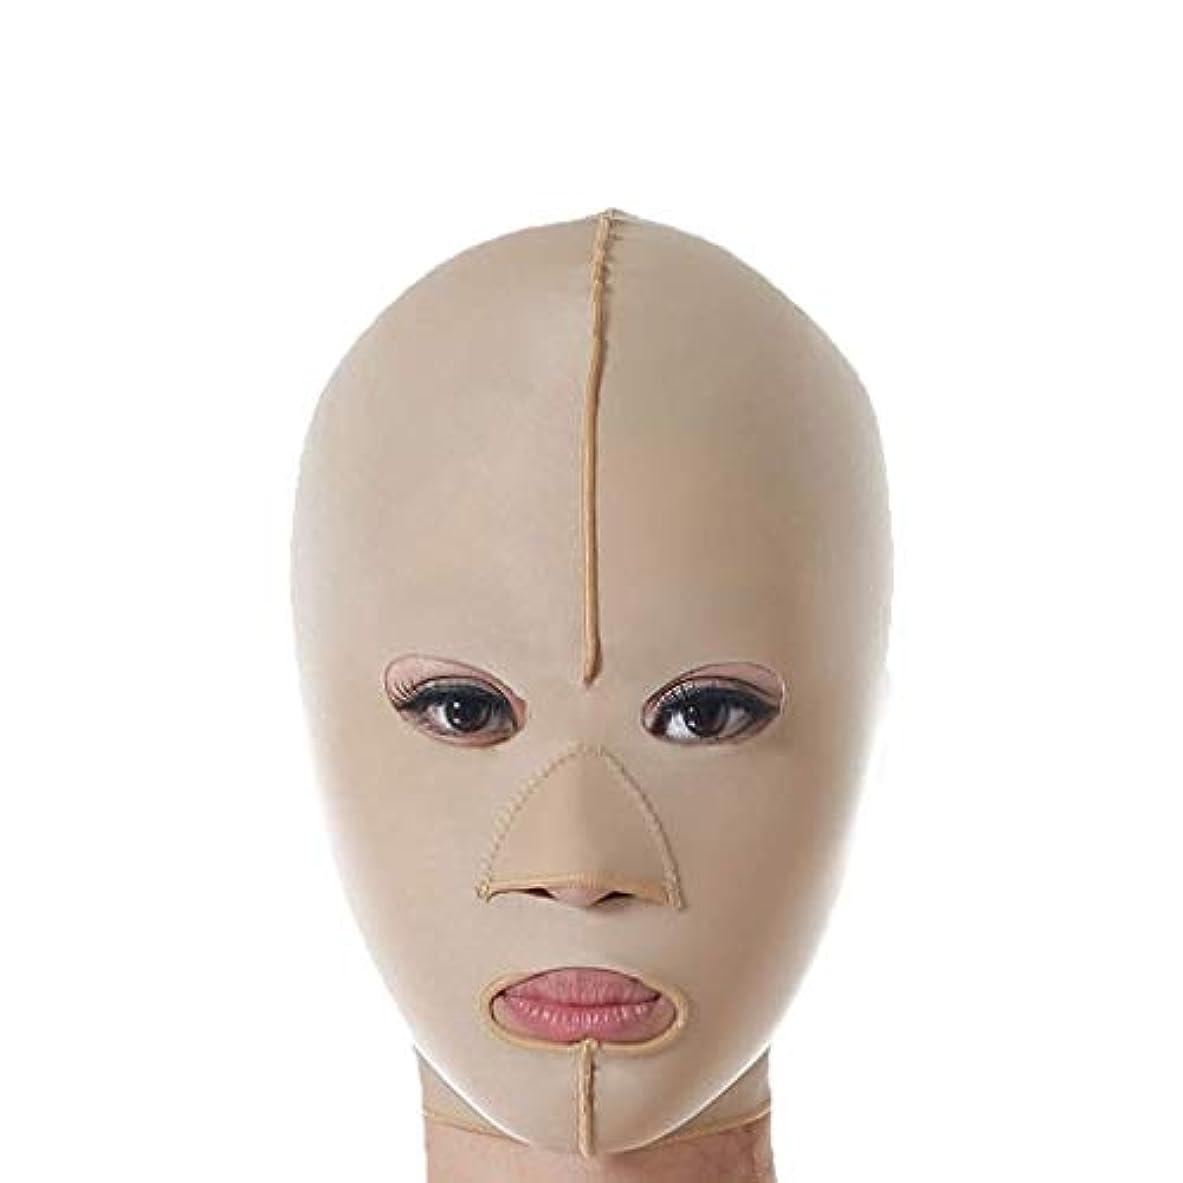 樹皮誤解クラス減量フェイスマスク、リフティング包帯、スリムフェイスリフトリフティングベルト、フェイシャル減量リフティング包帯、リフティングファーミング包帯(サイズ:XL),S